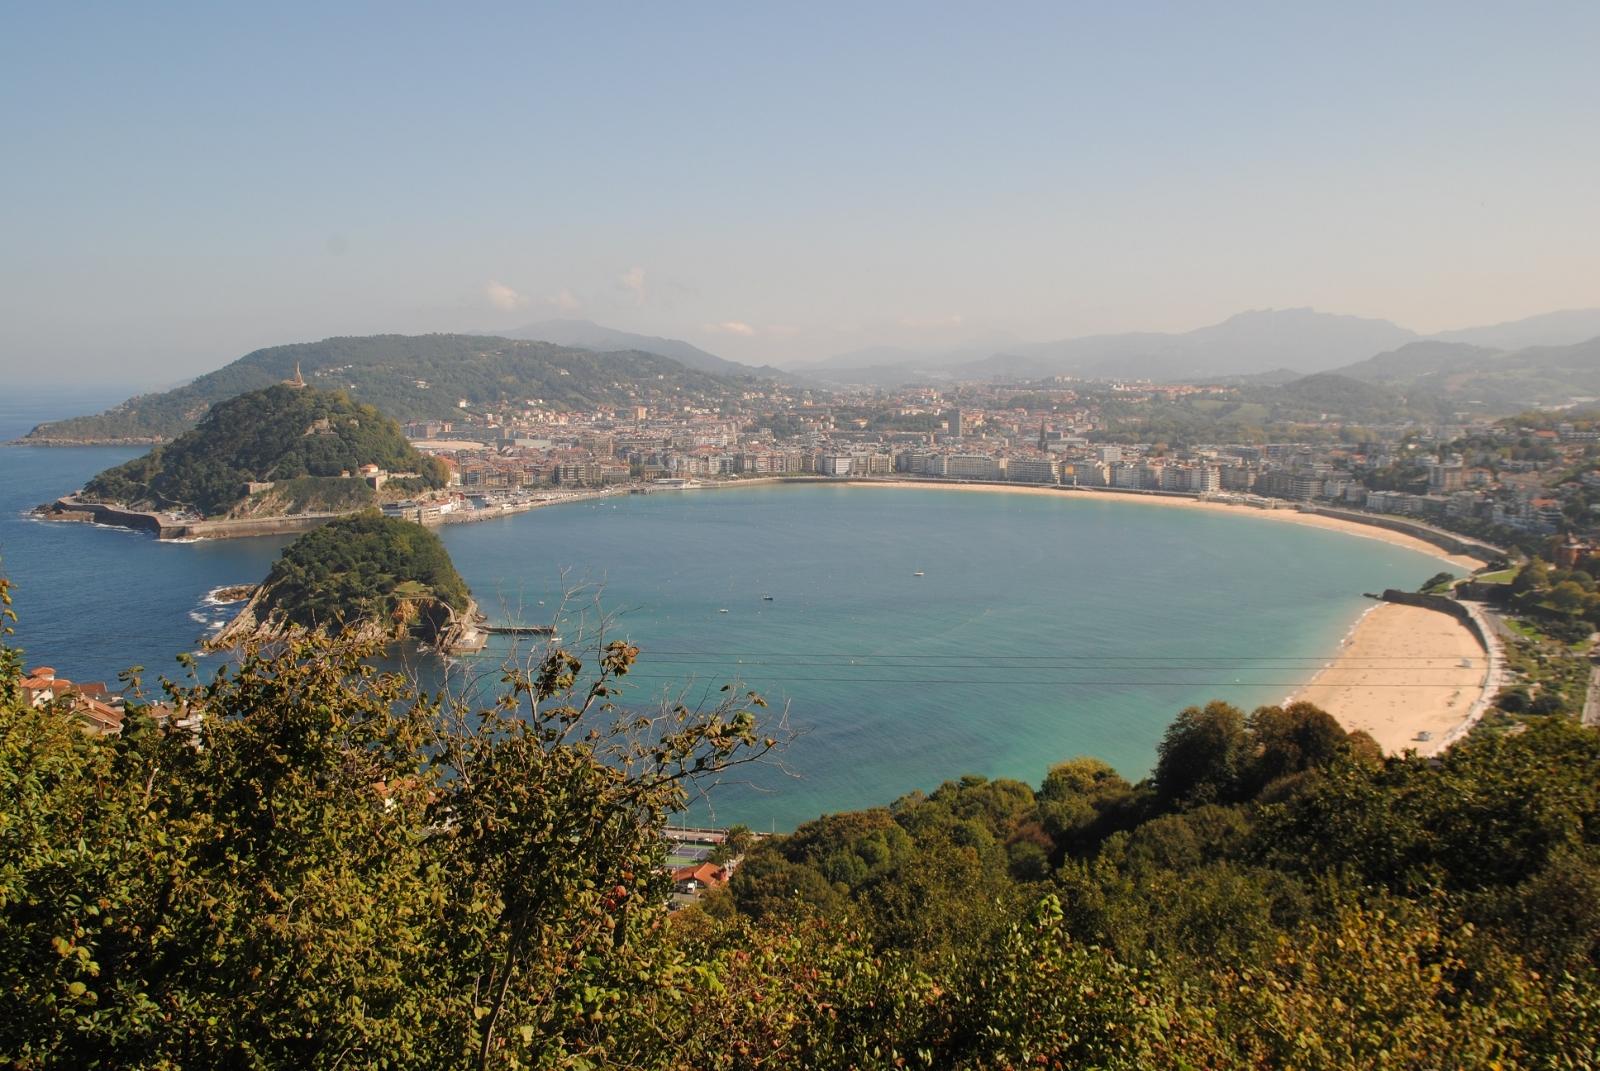 Voilá, San Sebastian, oder auch Donnastia. Ein wirklich eine wirklich schöne und interessante Stadt.